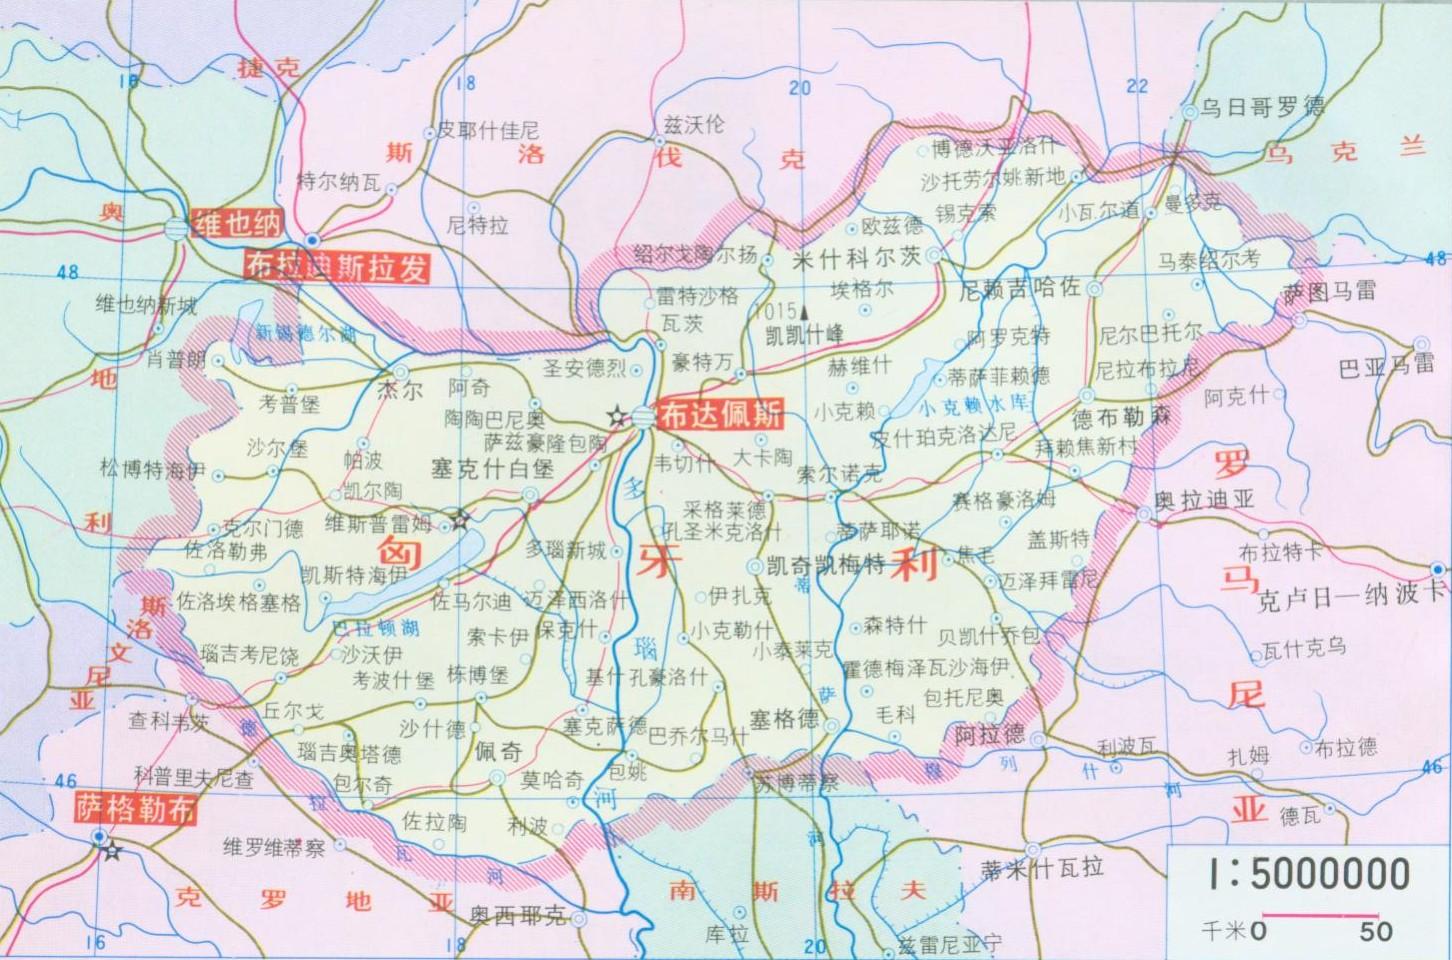 tesco térkép magyarország Szerintem Kiskunfélegyháza el van írva   (kínai magyar térkép  tesco térkép magyarország